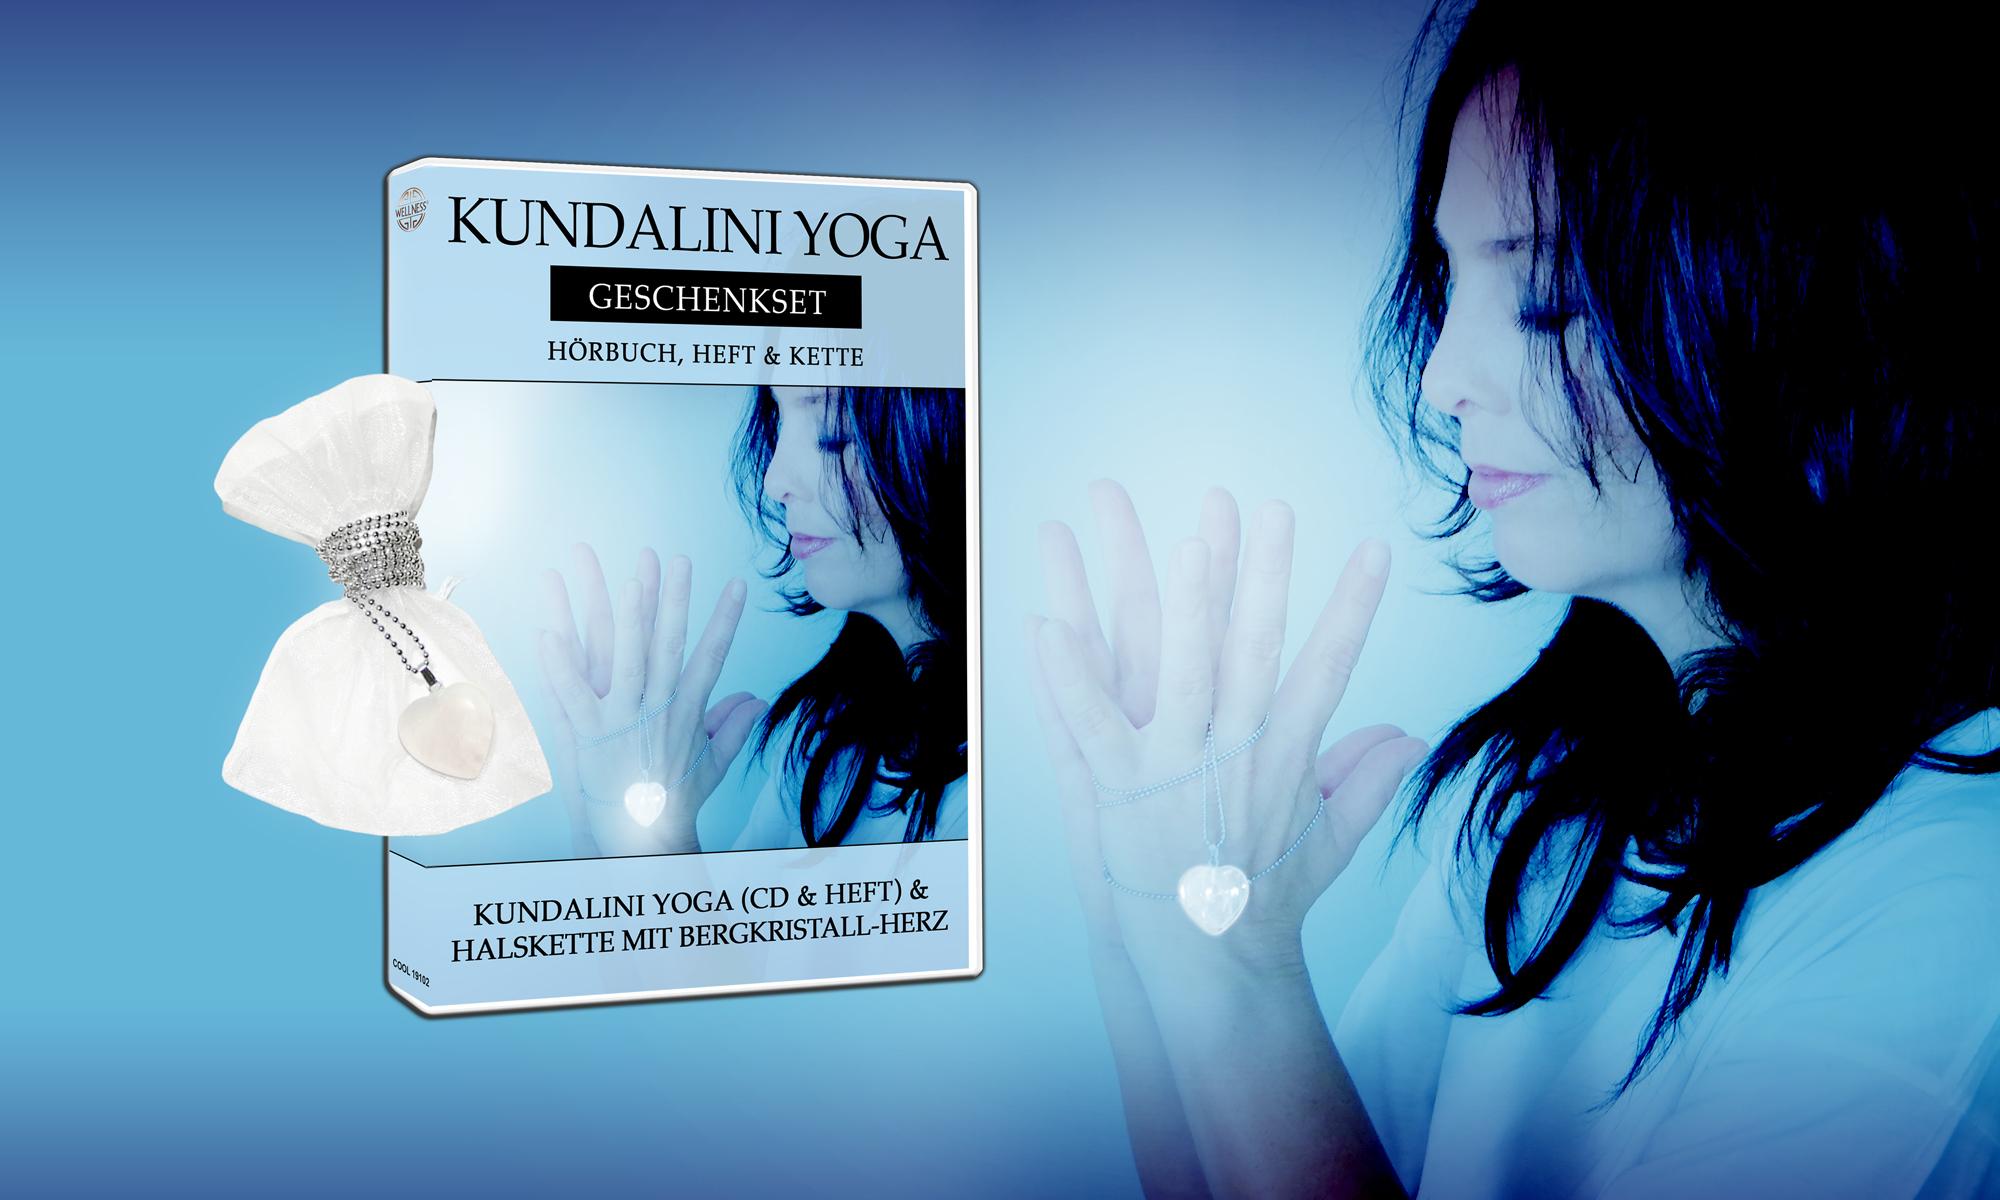 Kundalini Yoga Geschenkset - Yoga Geschenk für Freundin